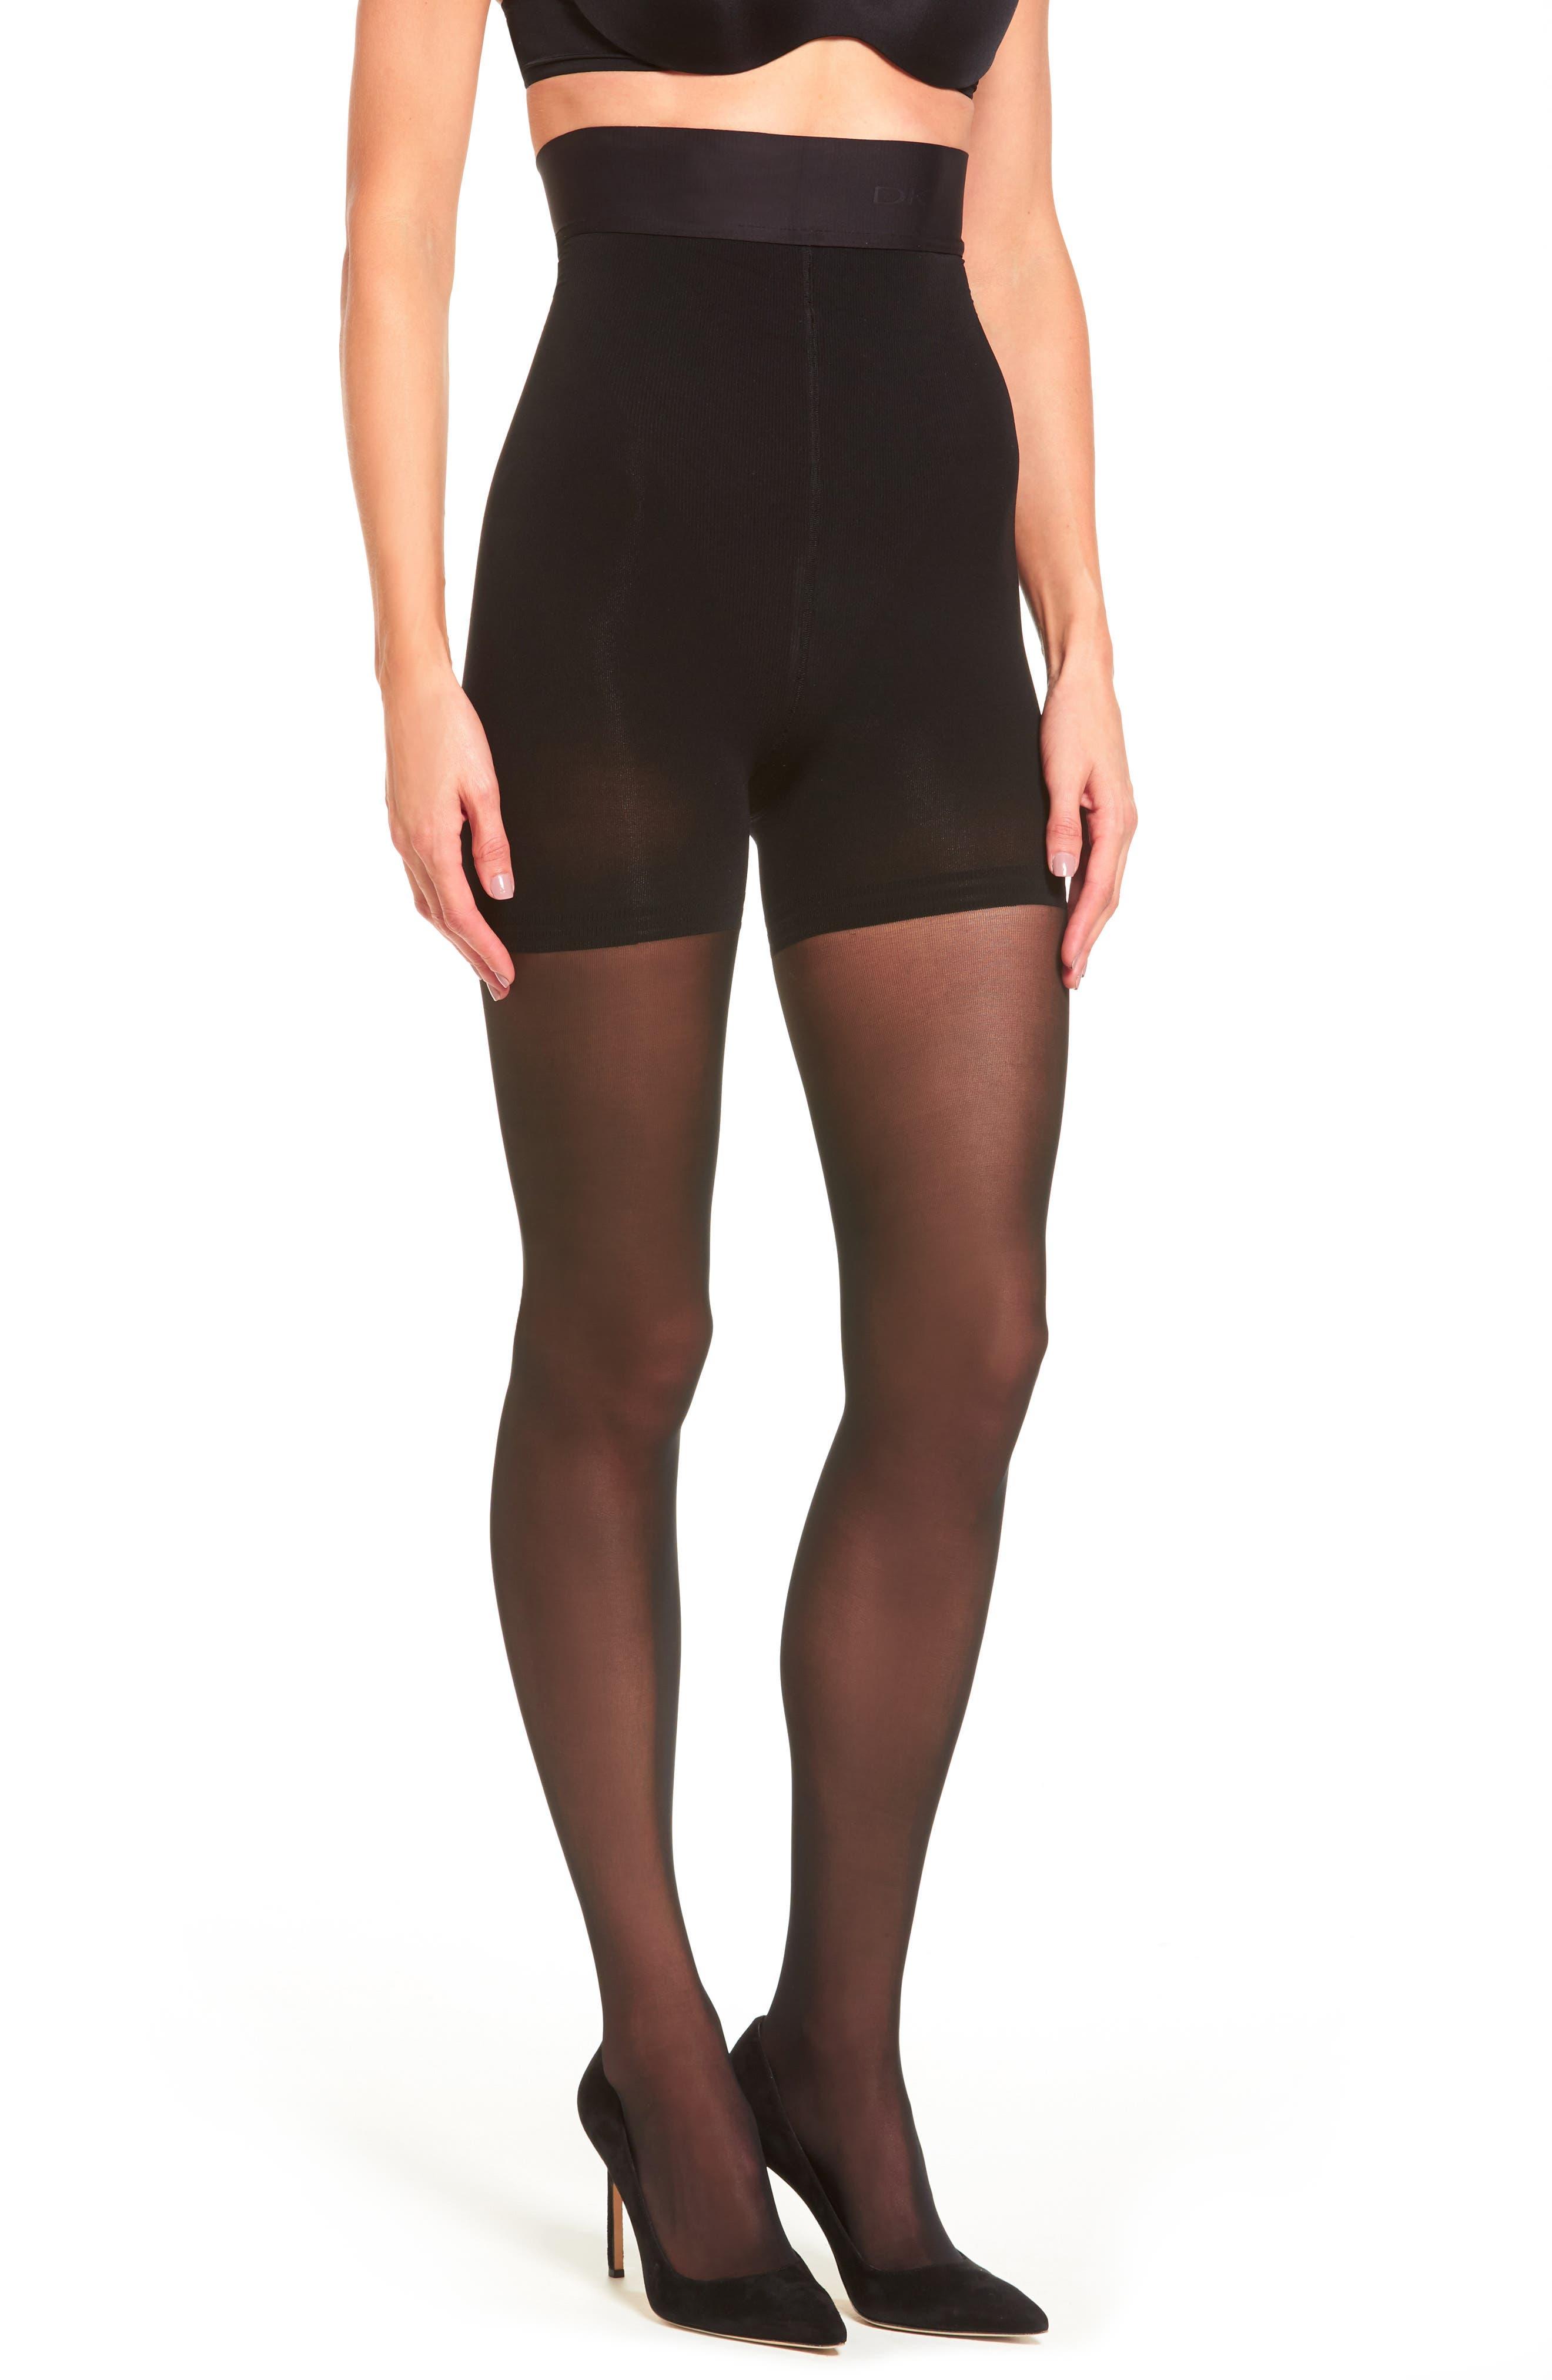 Main Image - Donna Karan High Waist Control Top Pantyhose